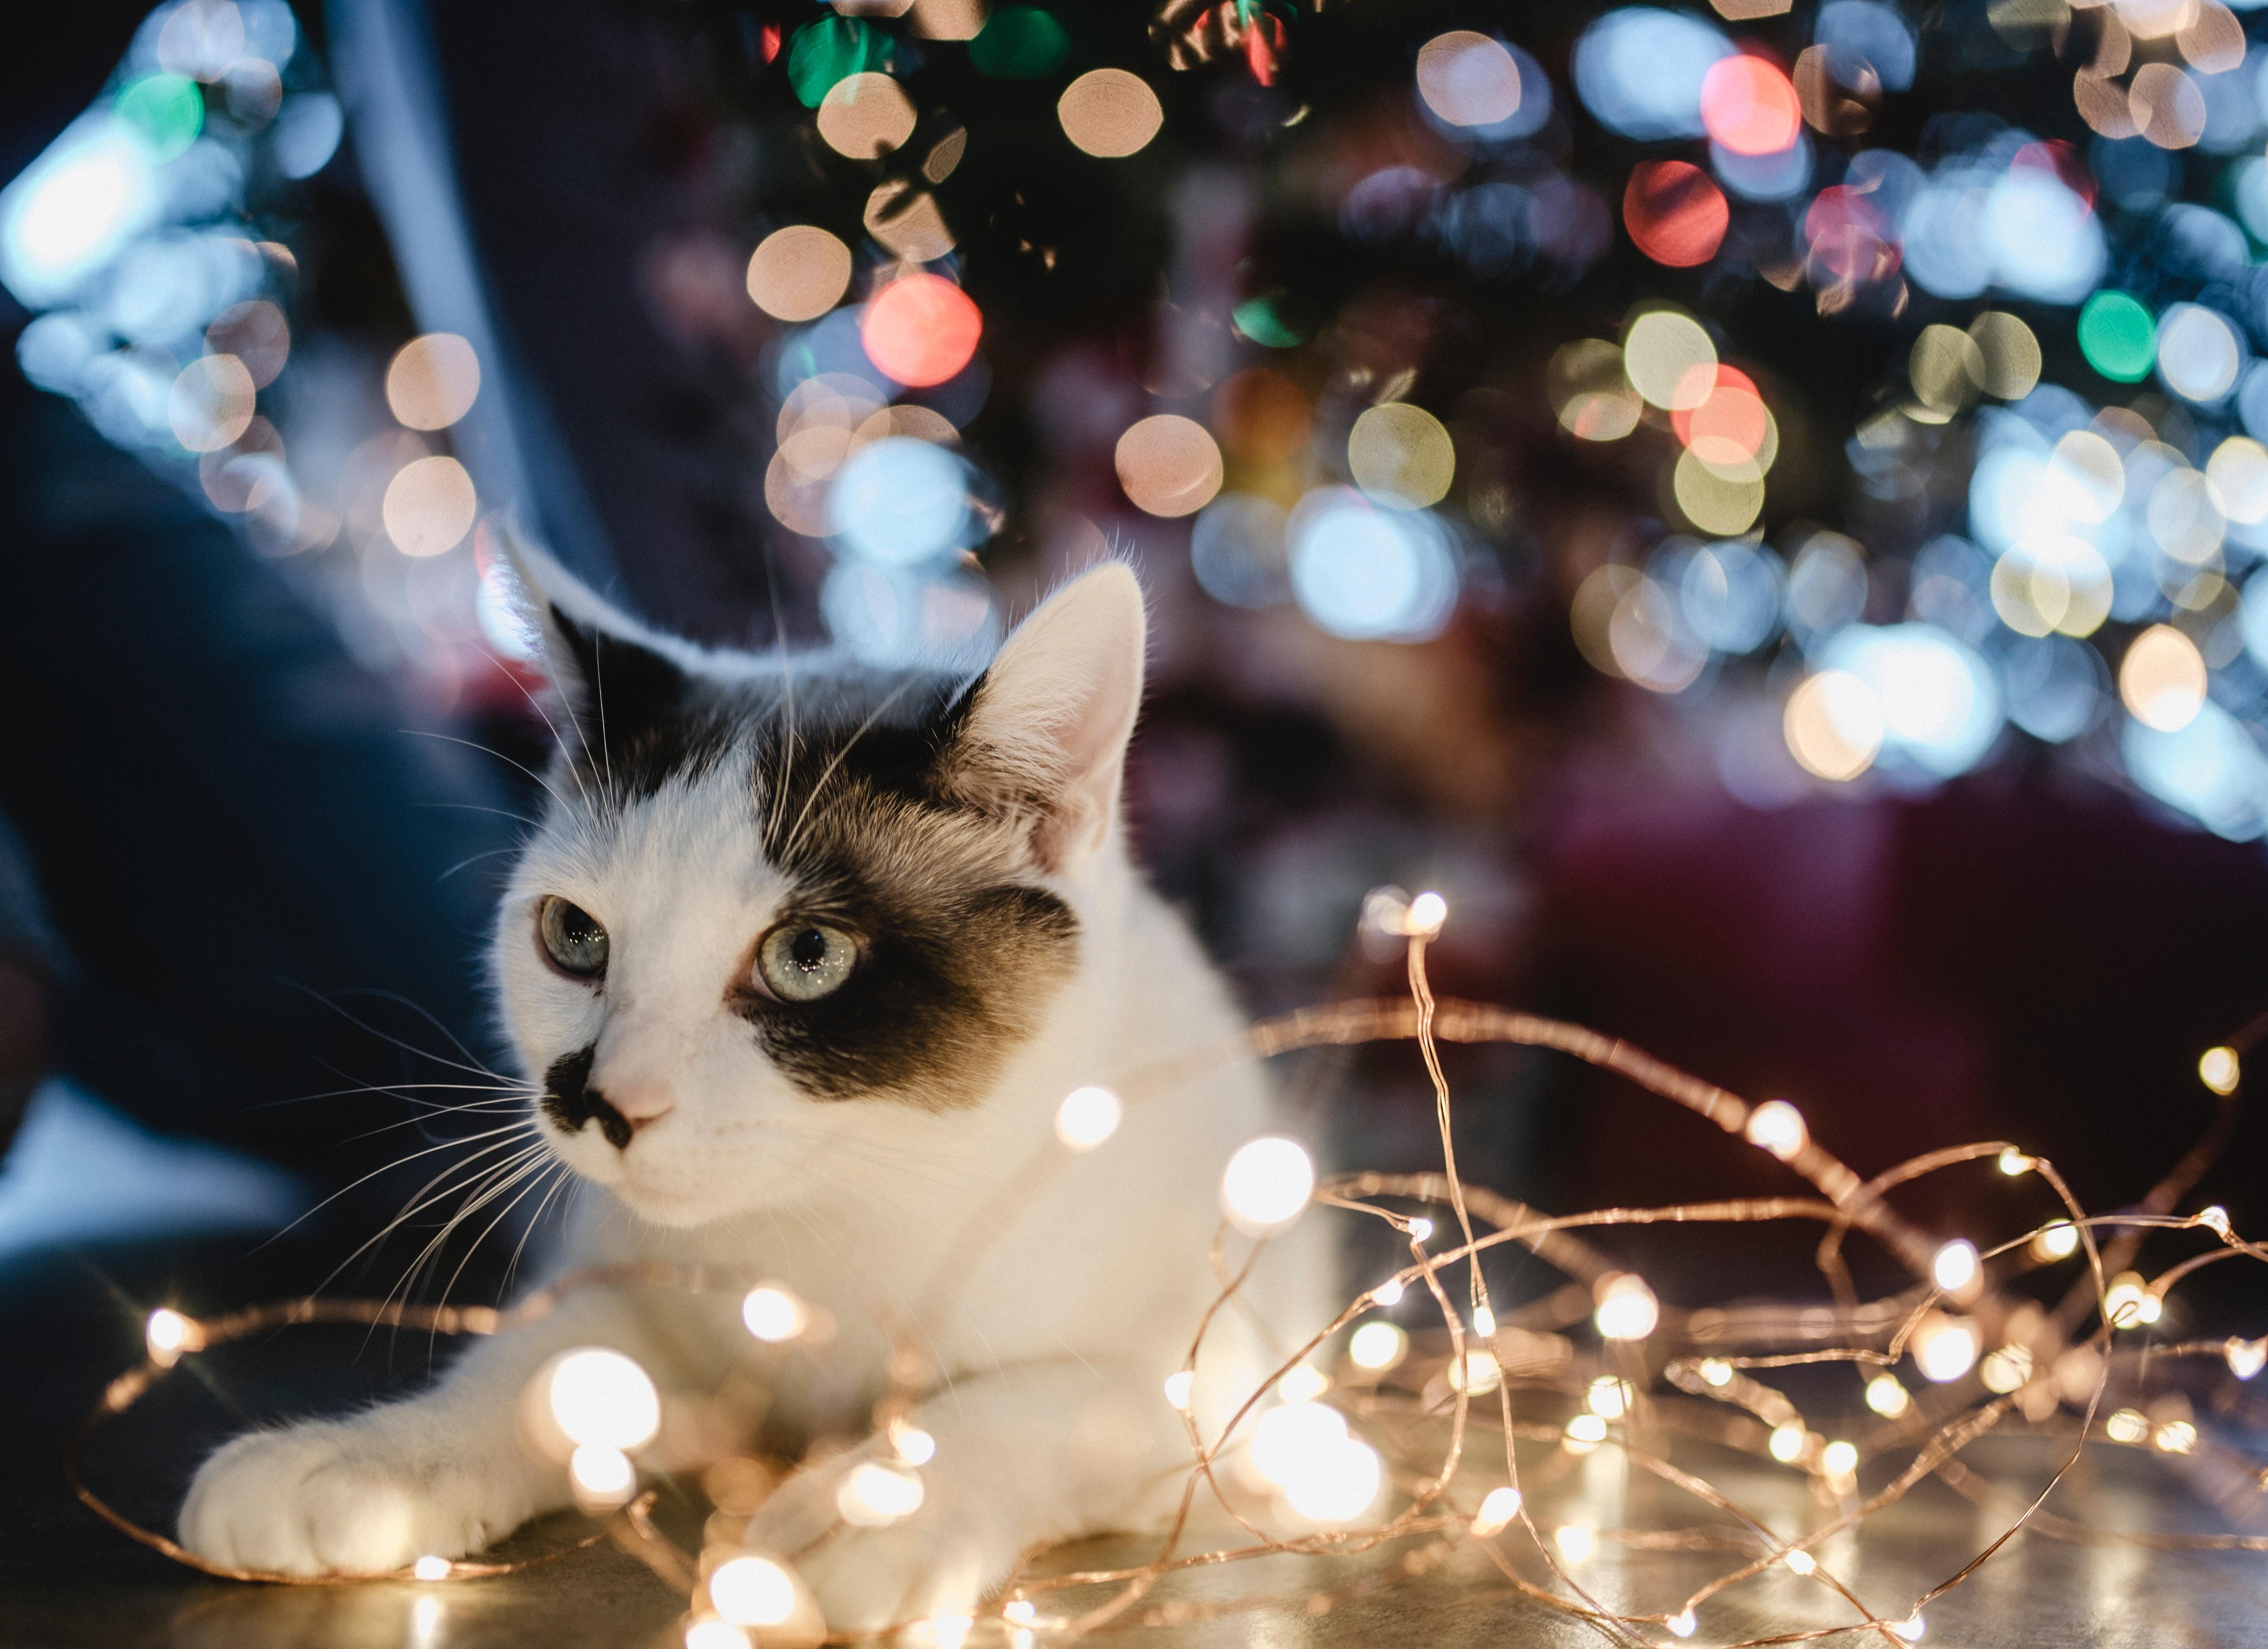 Vuurwerkstress bij katten